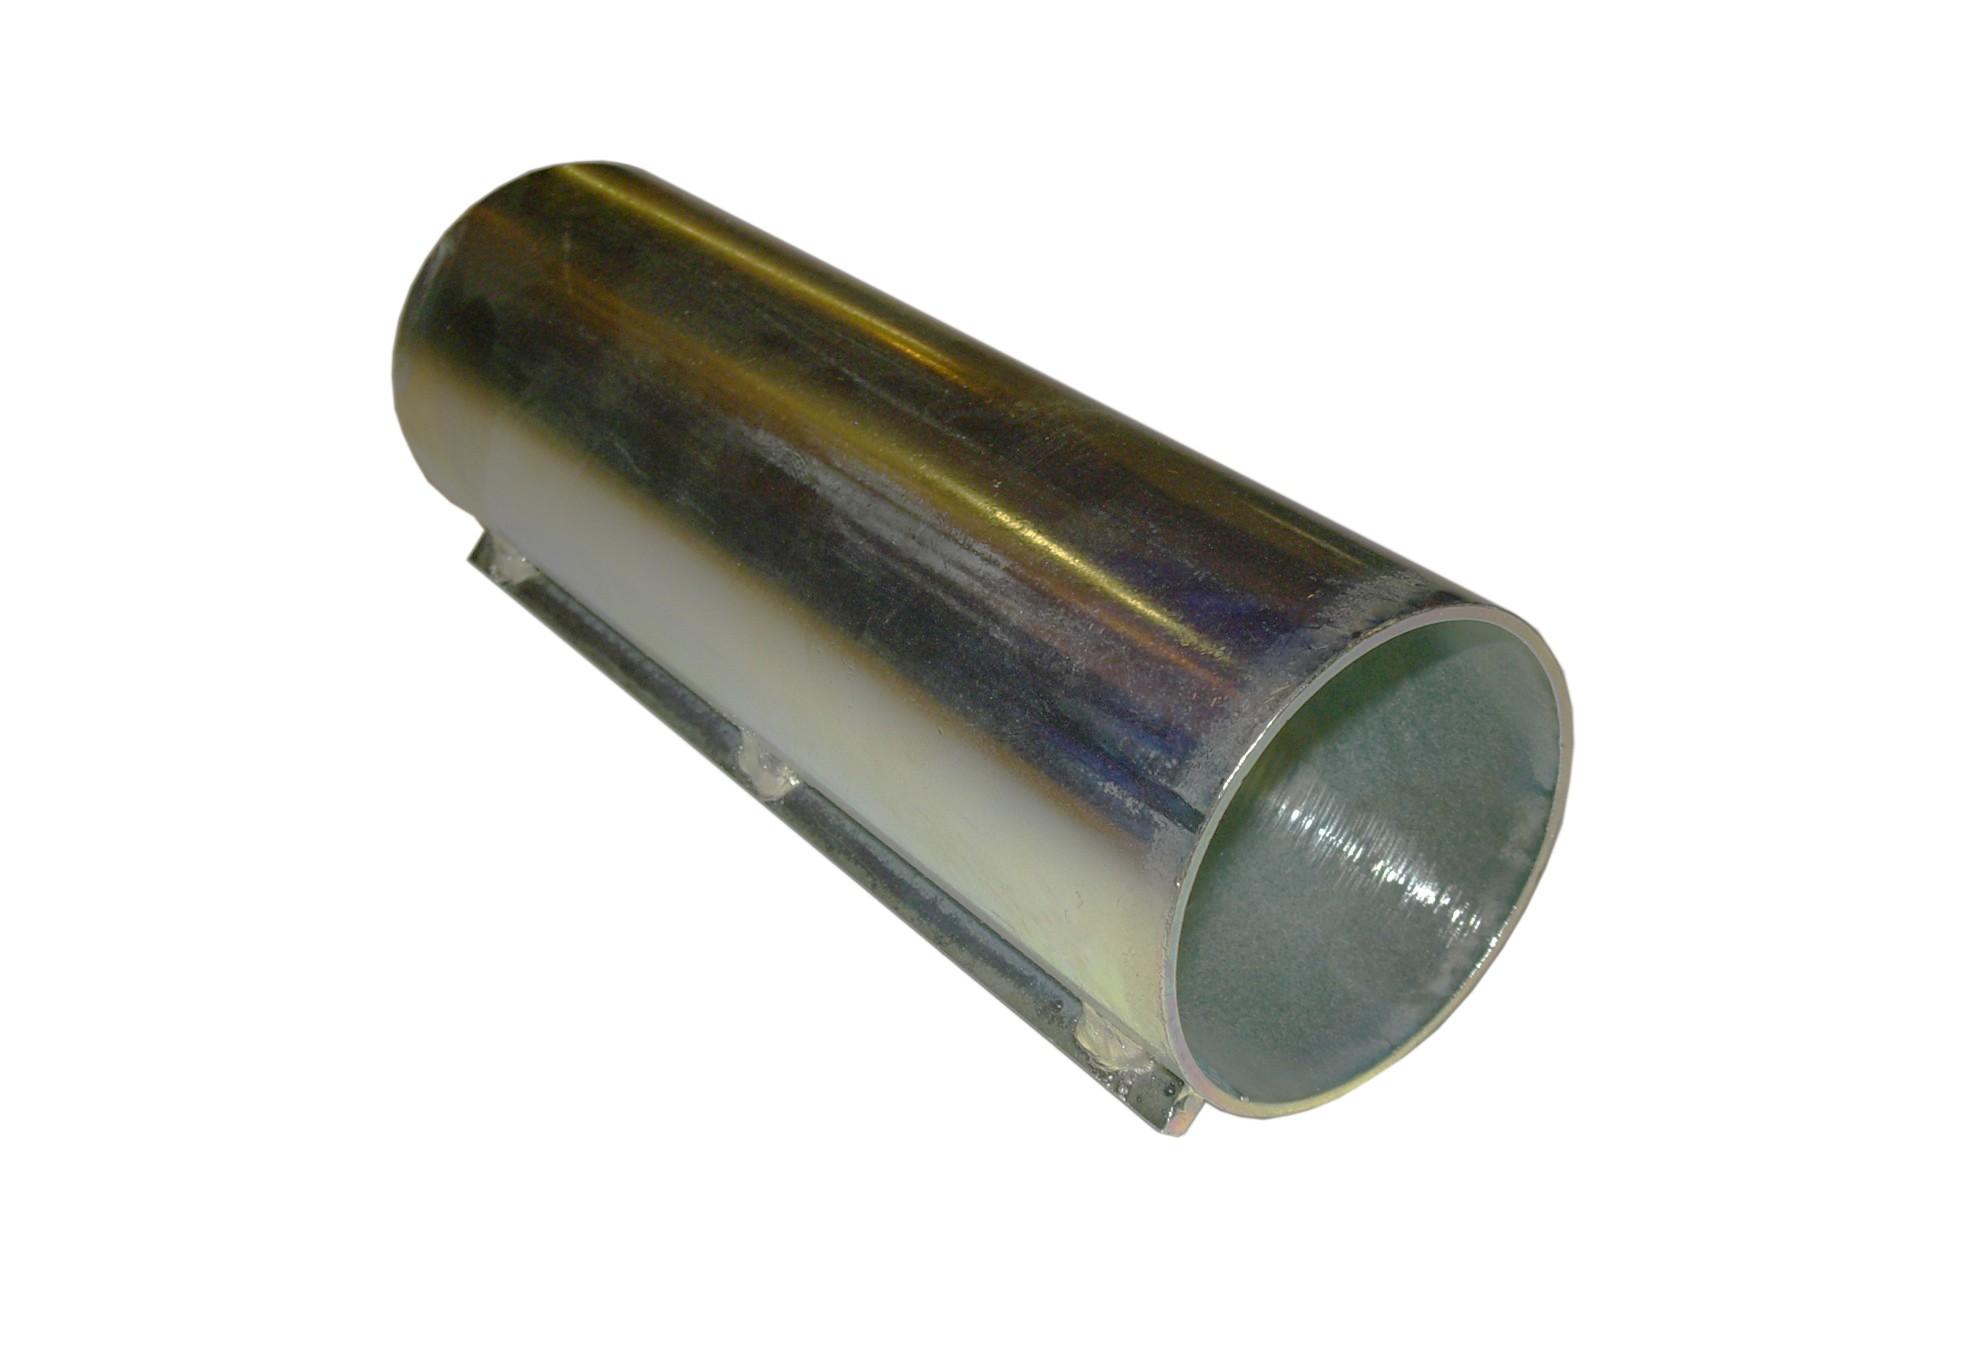 Ensiöilmaputki, 1-512B 168mm